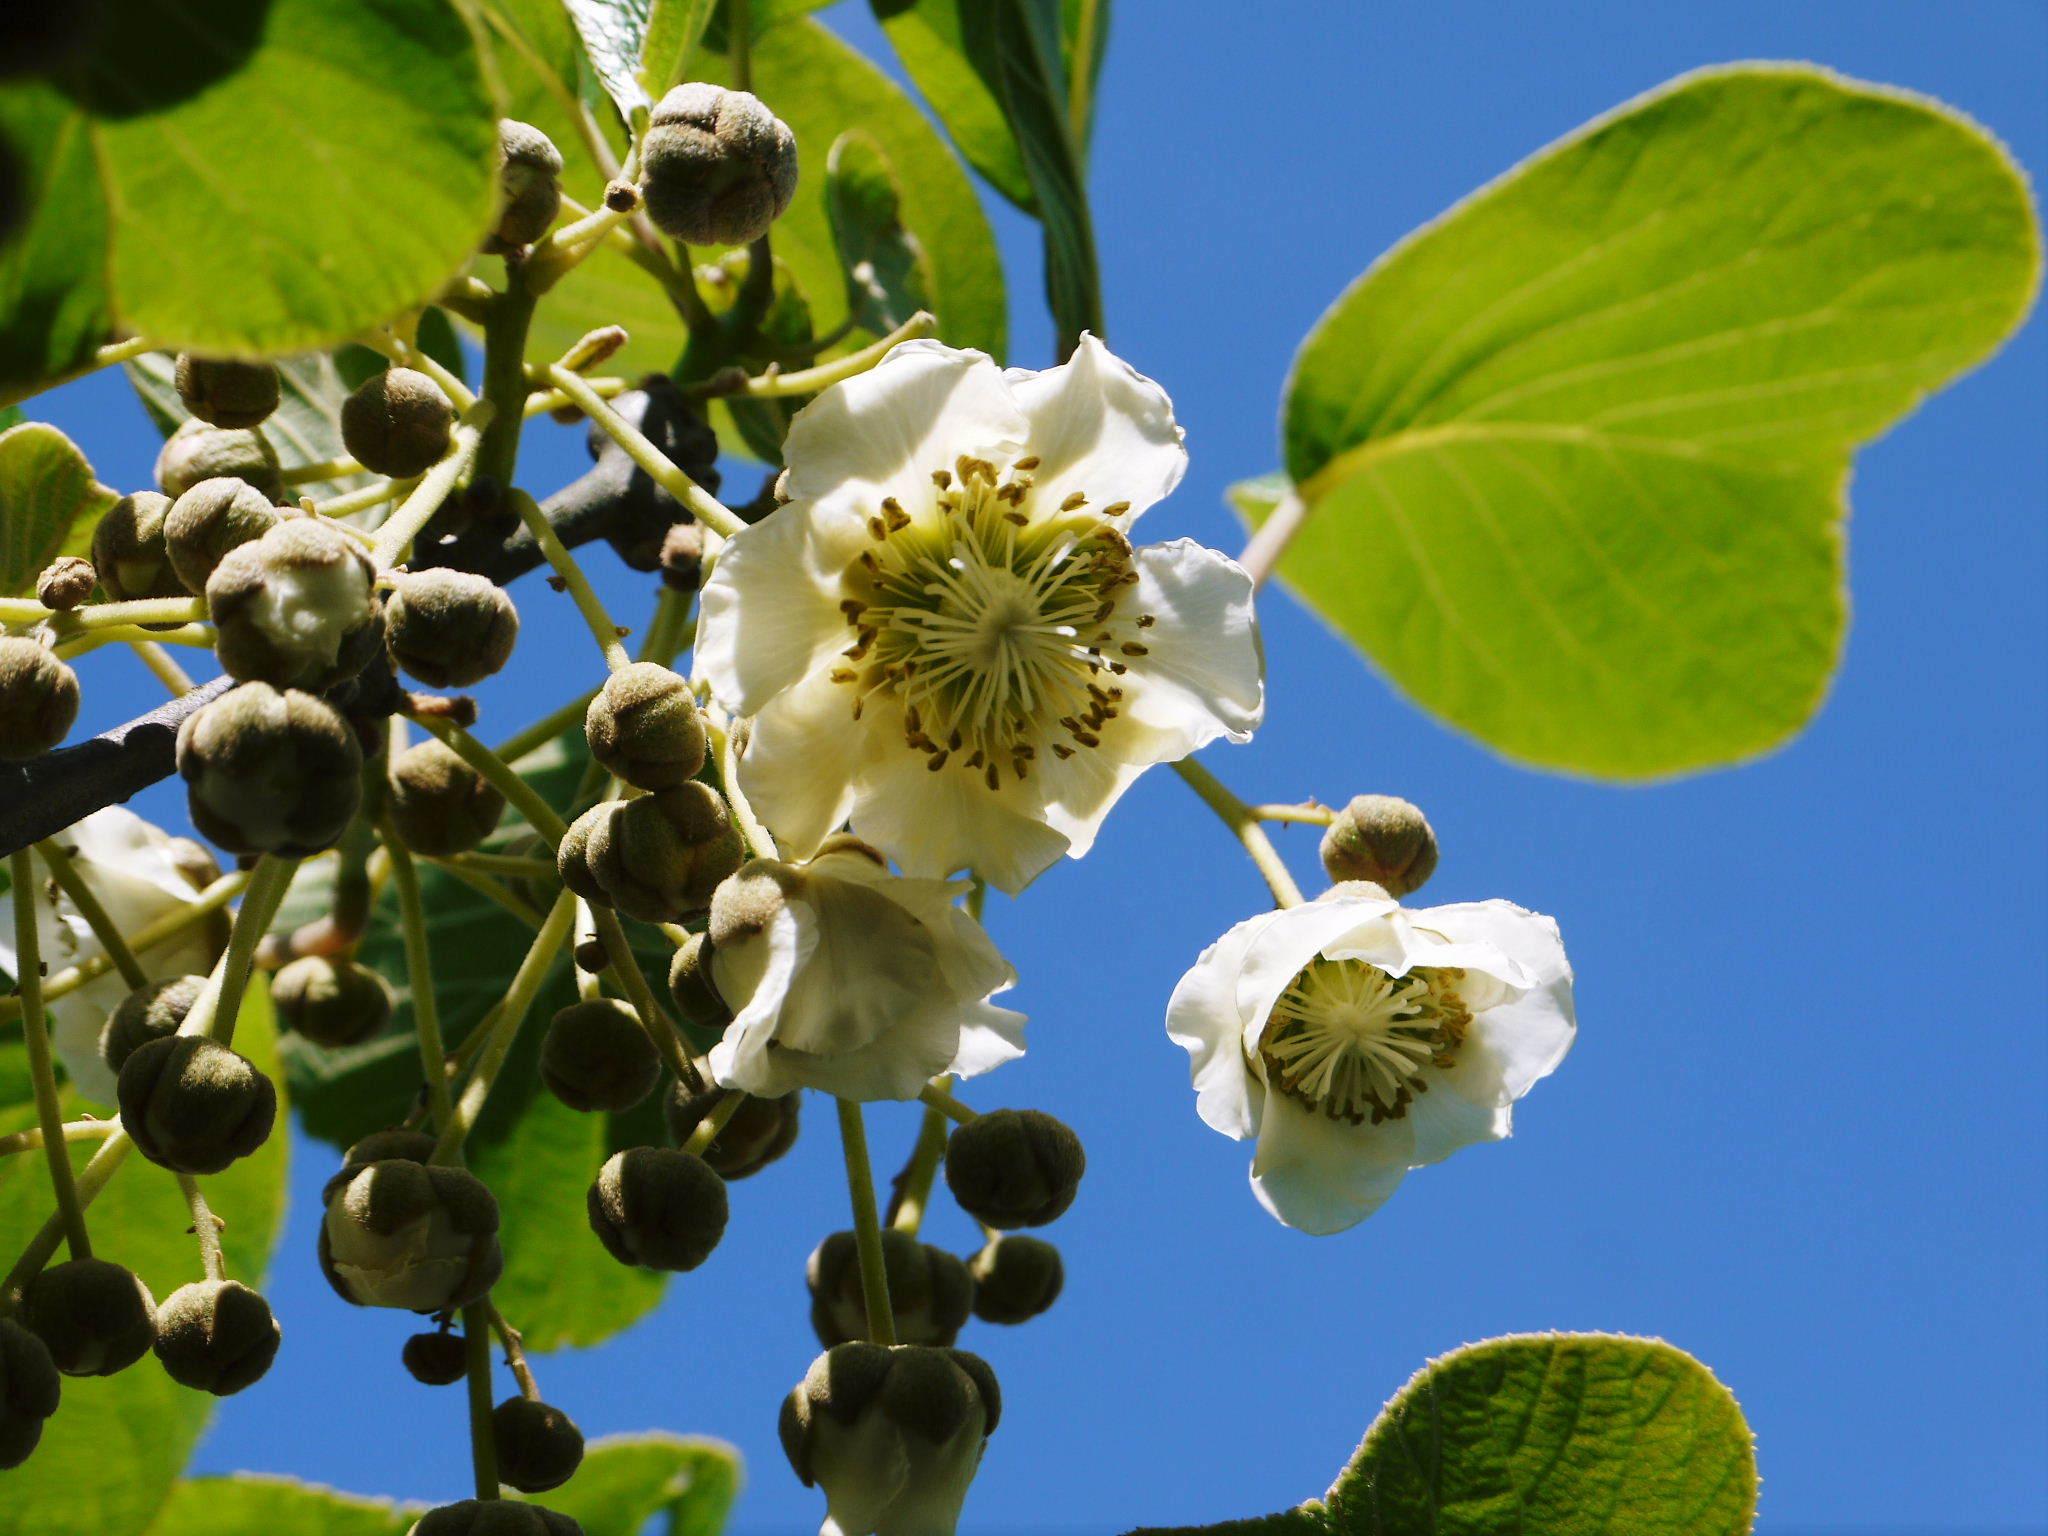 水源キウイ 11月中旬からの収穫に向け、しっかりと手をかけ育てます!キウイフルーツは冬の果物です!_a0254656_18321171.jpg